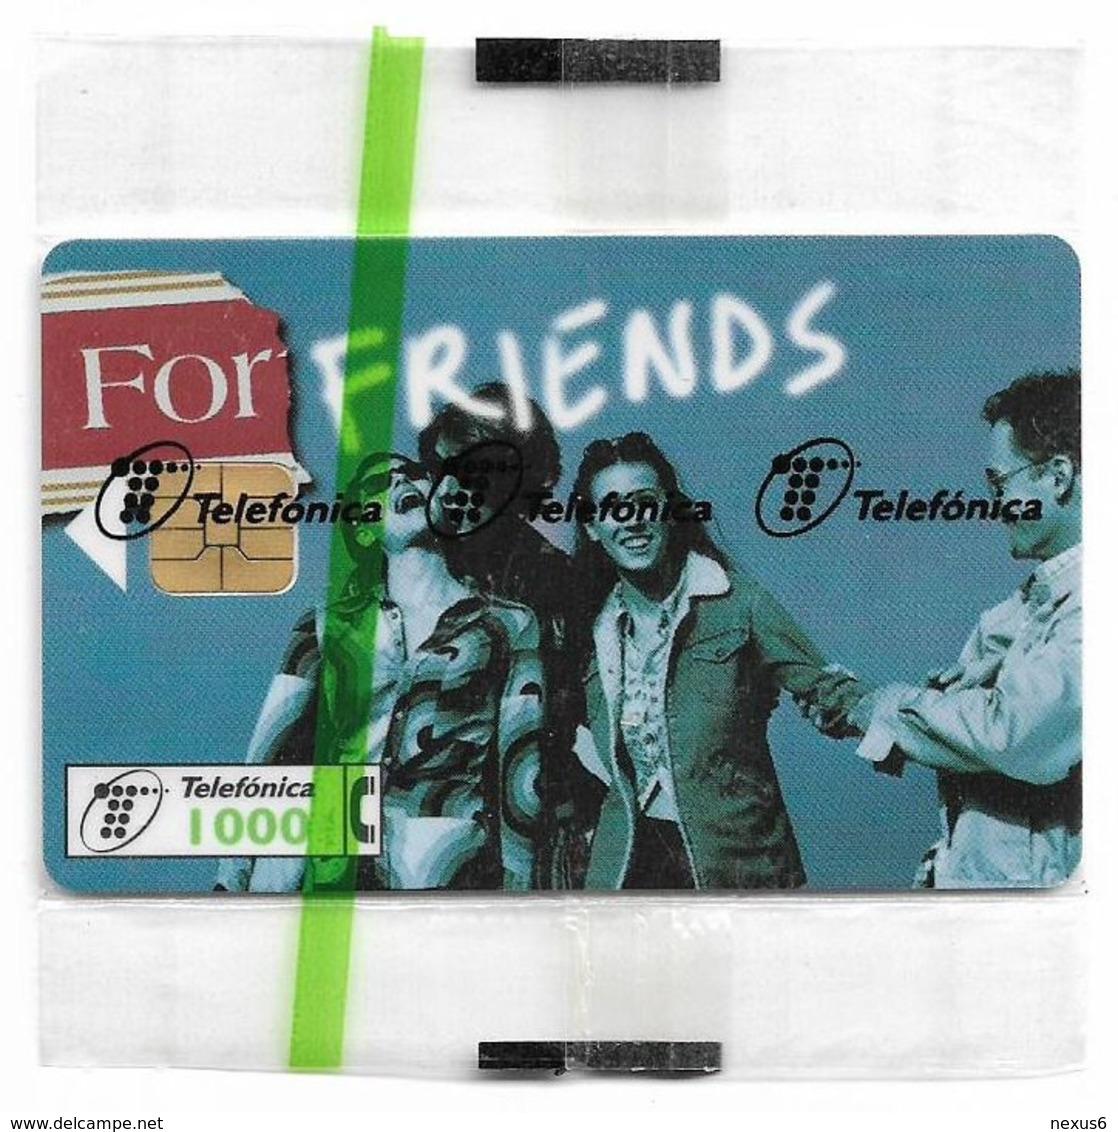 Spain - Telefónica - Tobacco Fortuna - CP-113 - 10.1997, 6.000ex, NSB - Conmemorativas Y Publicitarias